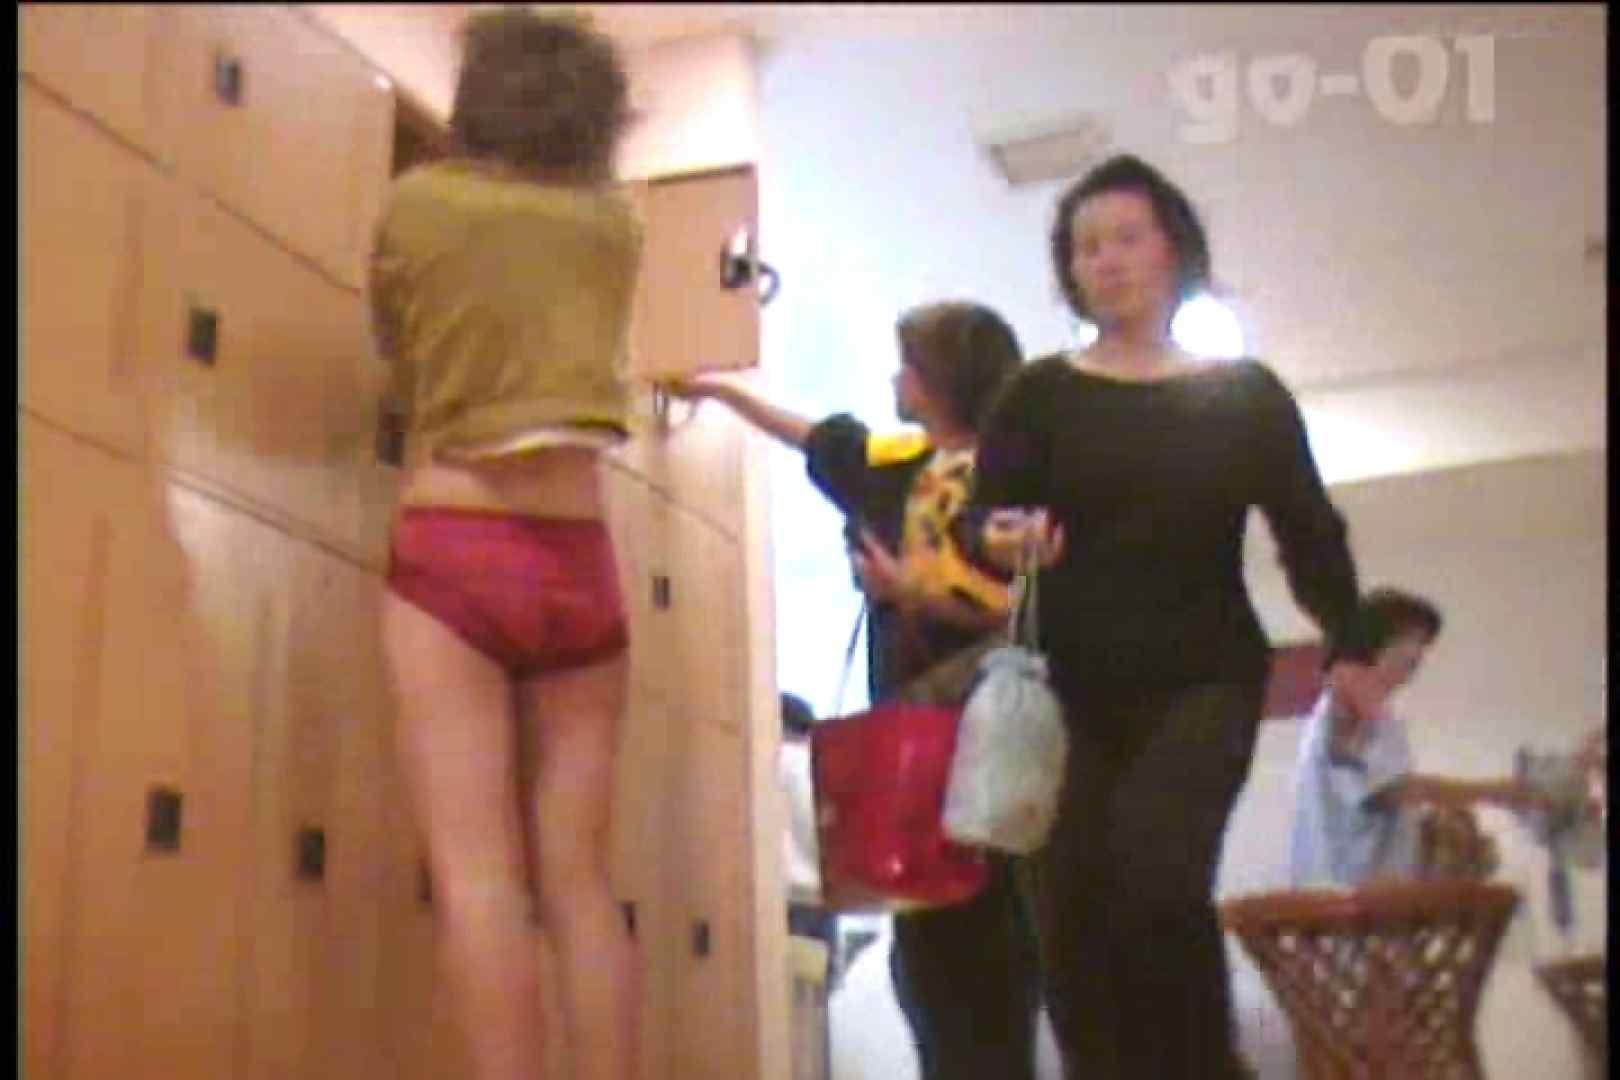 電波カメラ設置浴場からの防HAN映像 Vol.01 お姉さんのSEX すけべAV動画紹介 105枚 27